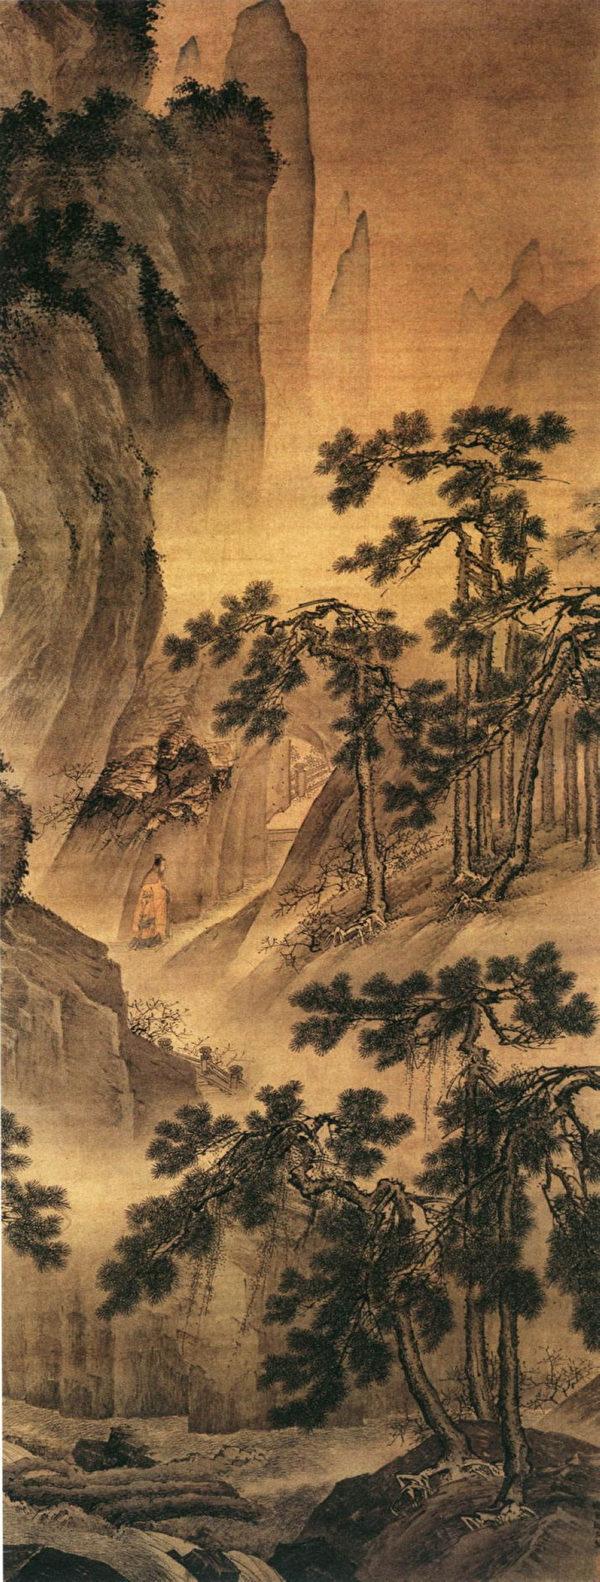 明戴進〈洞天問道圖〉局部,描繪黃帝在崆峒山向廣成子問道。北京故宮博物院藏。(公有領域)